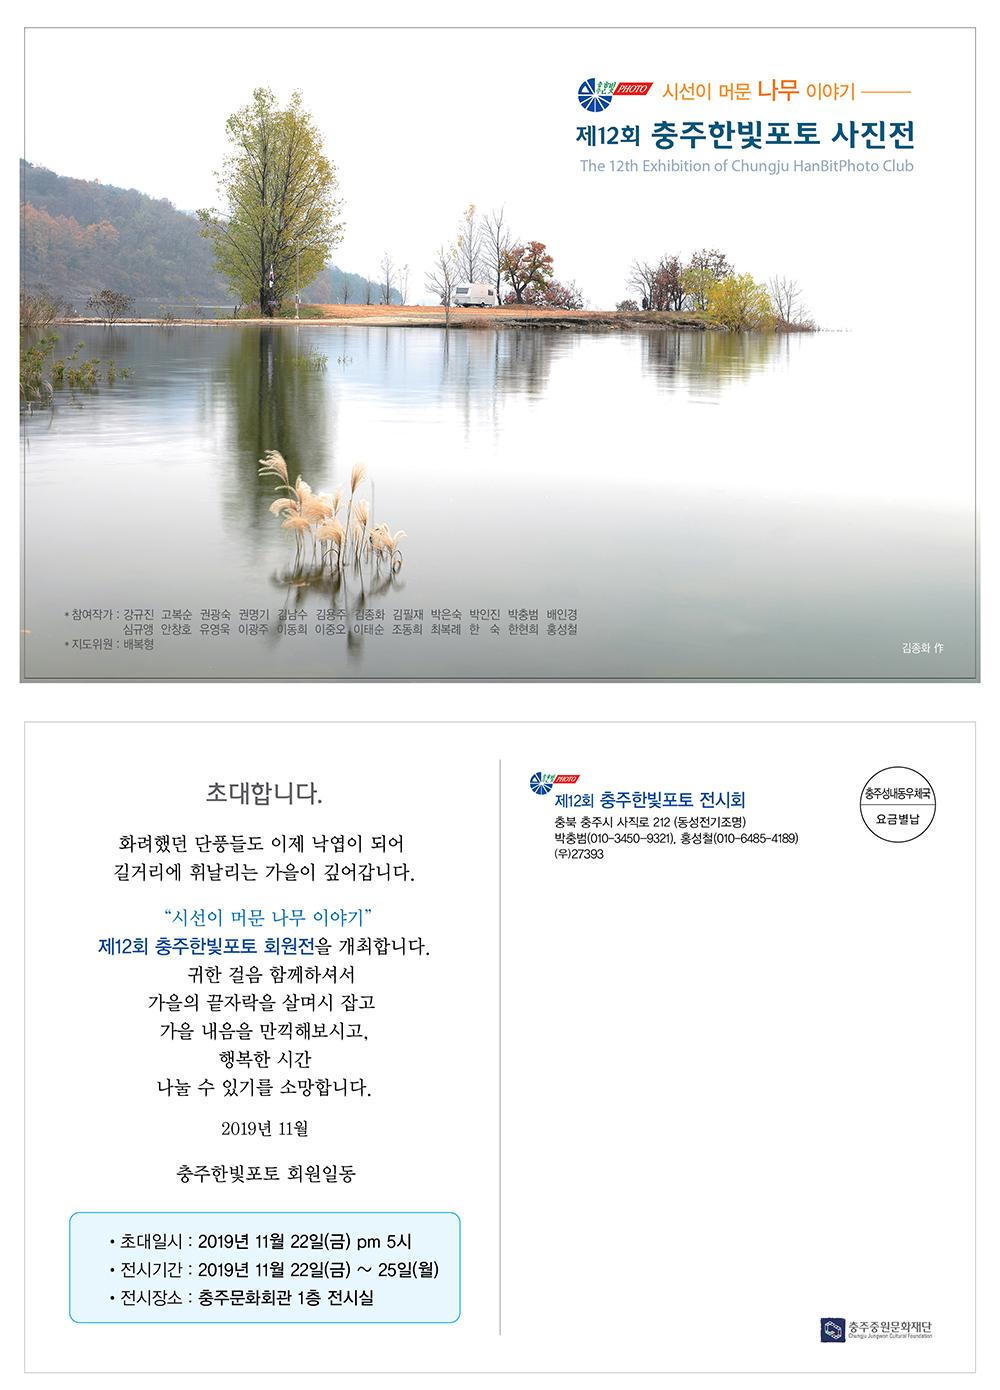 2019 한빛 전시회 초대장- 발송용.jpg